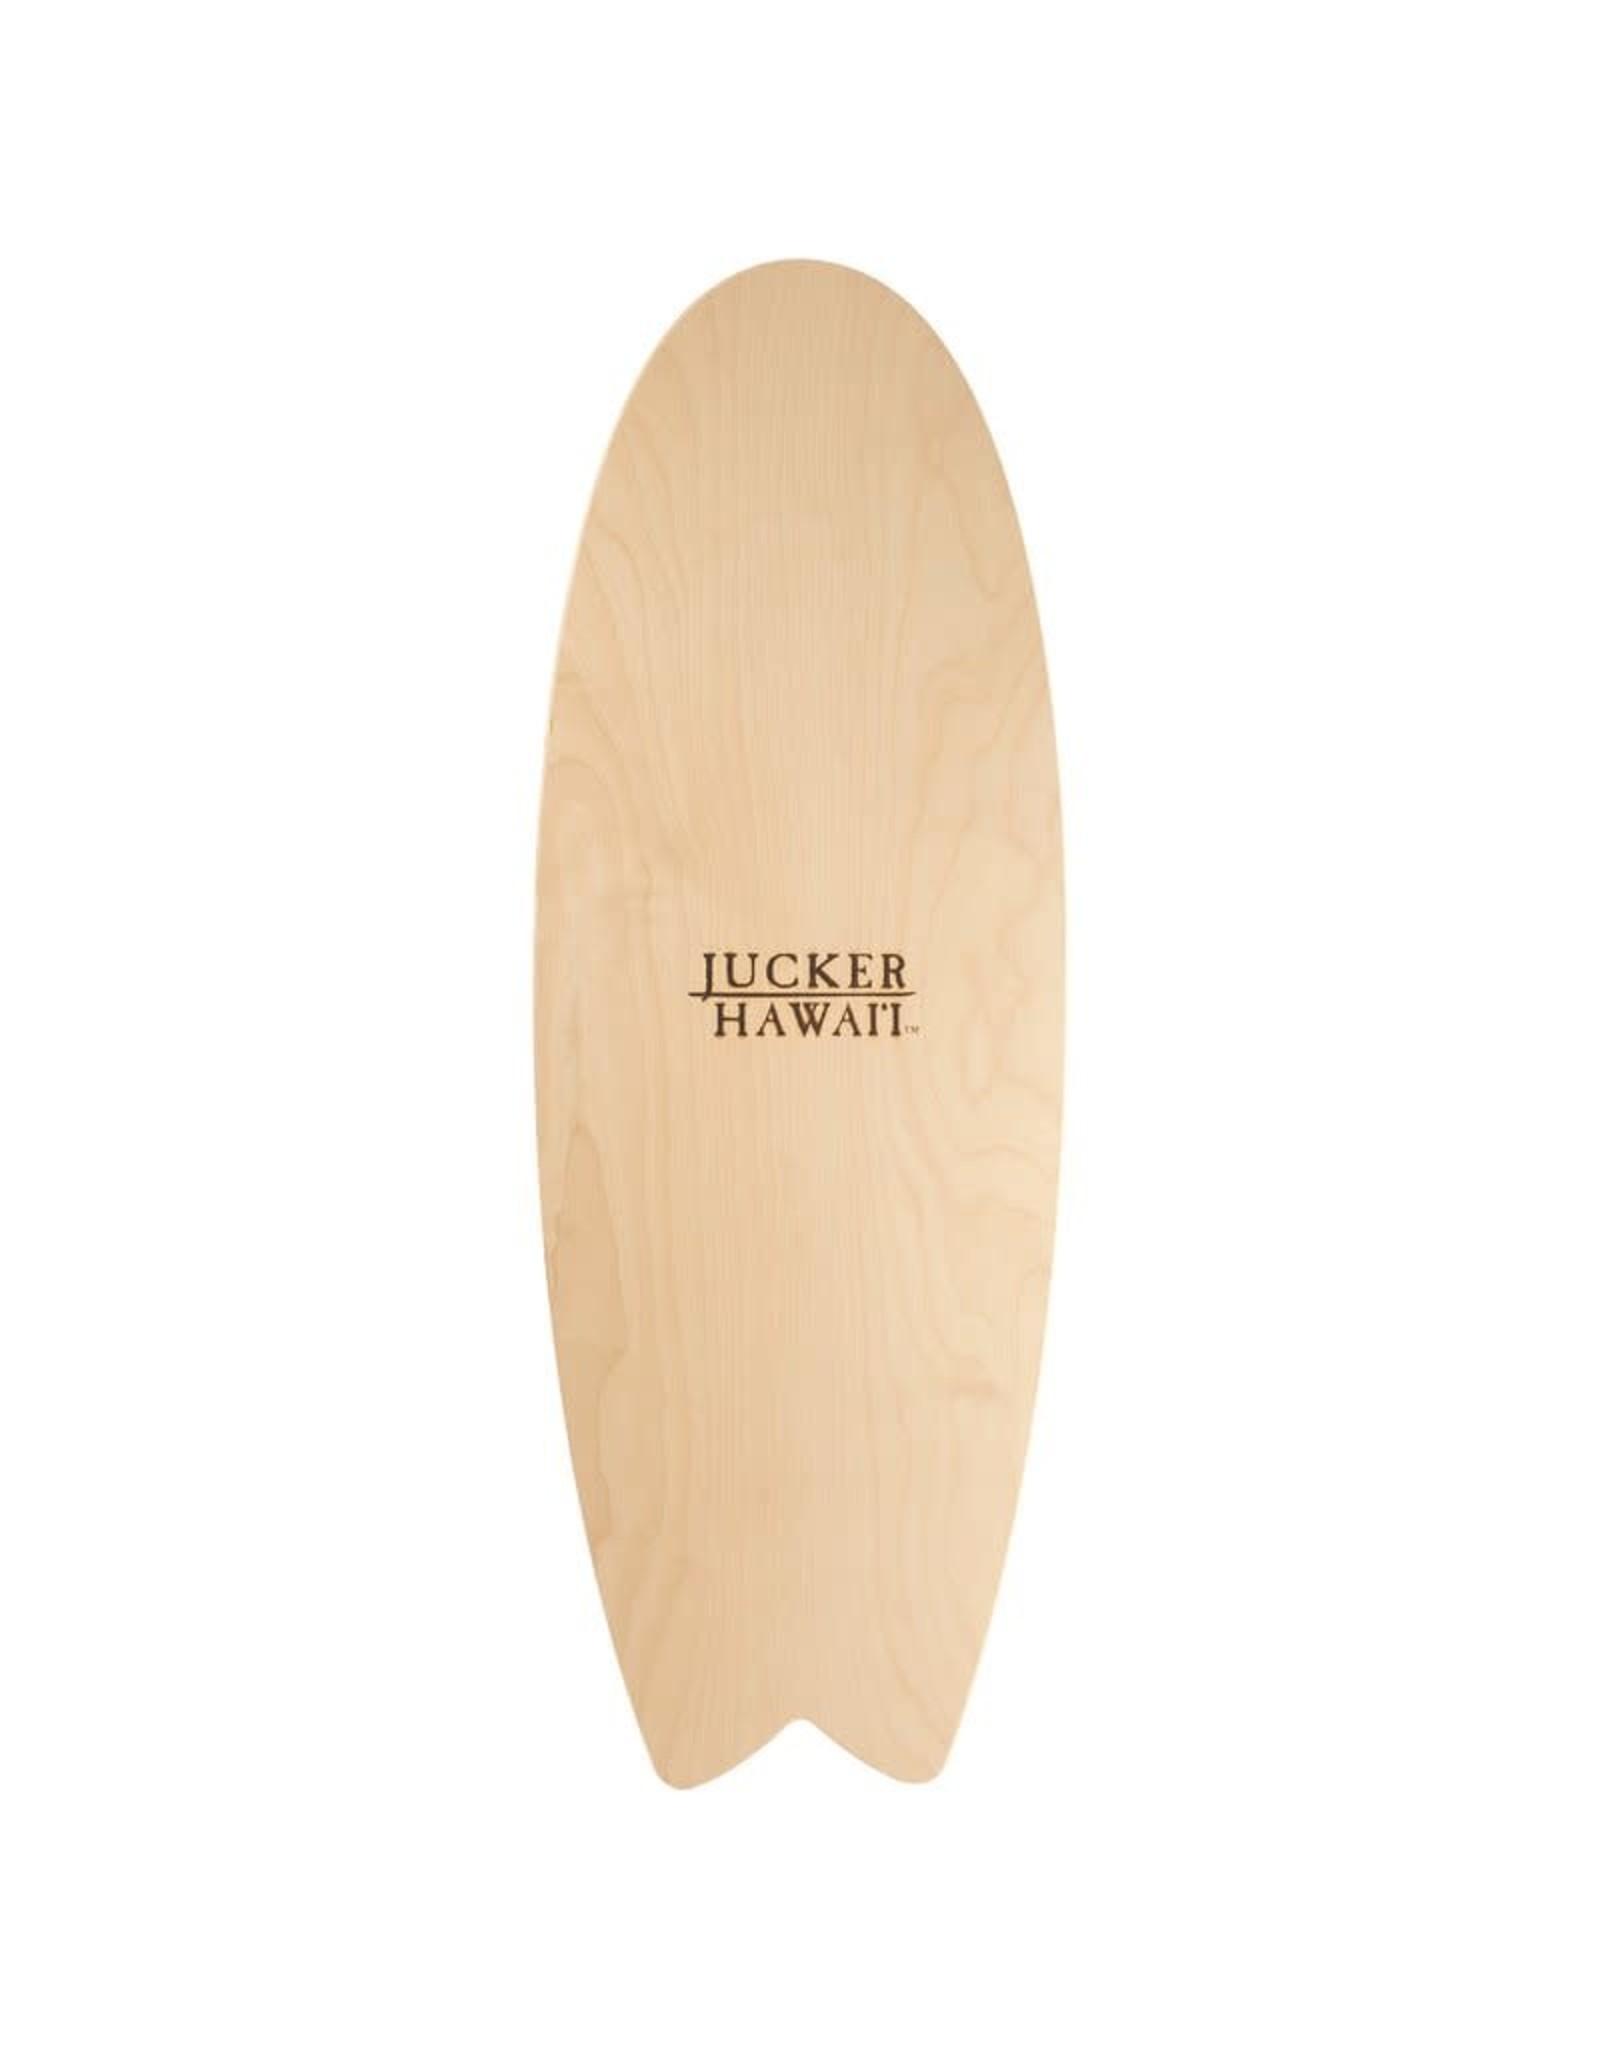 Jucker Hawaii JUCKER HAWAII Balance Board Homerider LOCAL WAHINE Compleet